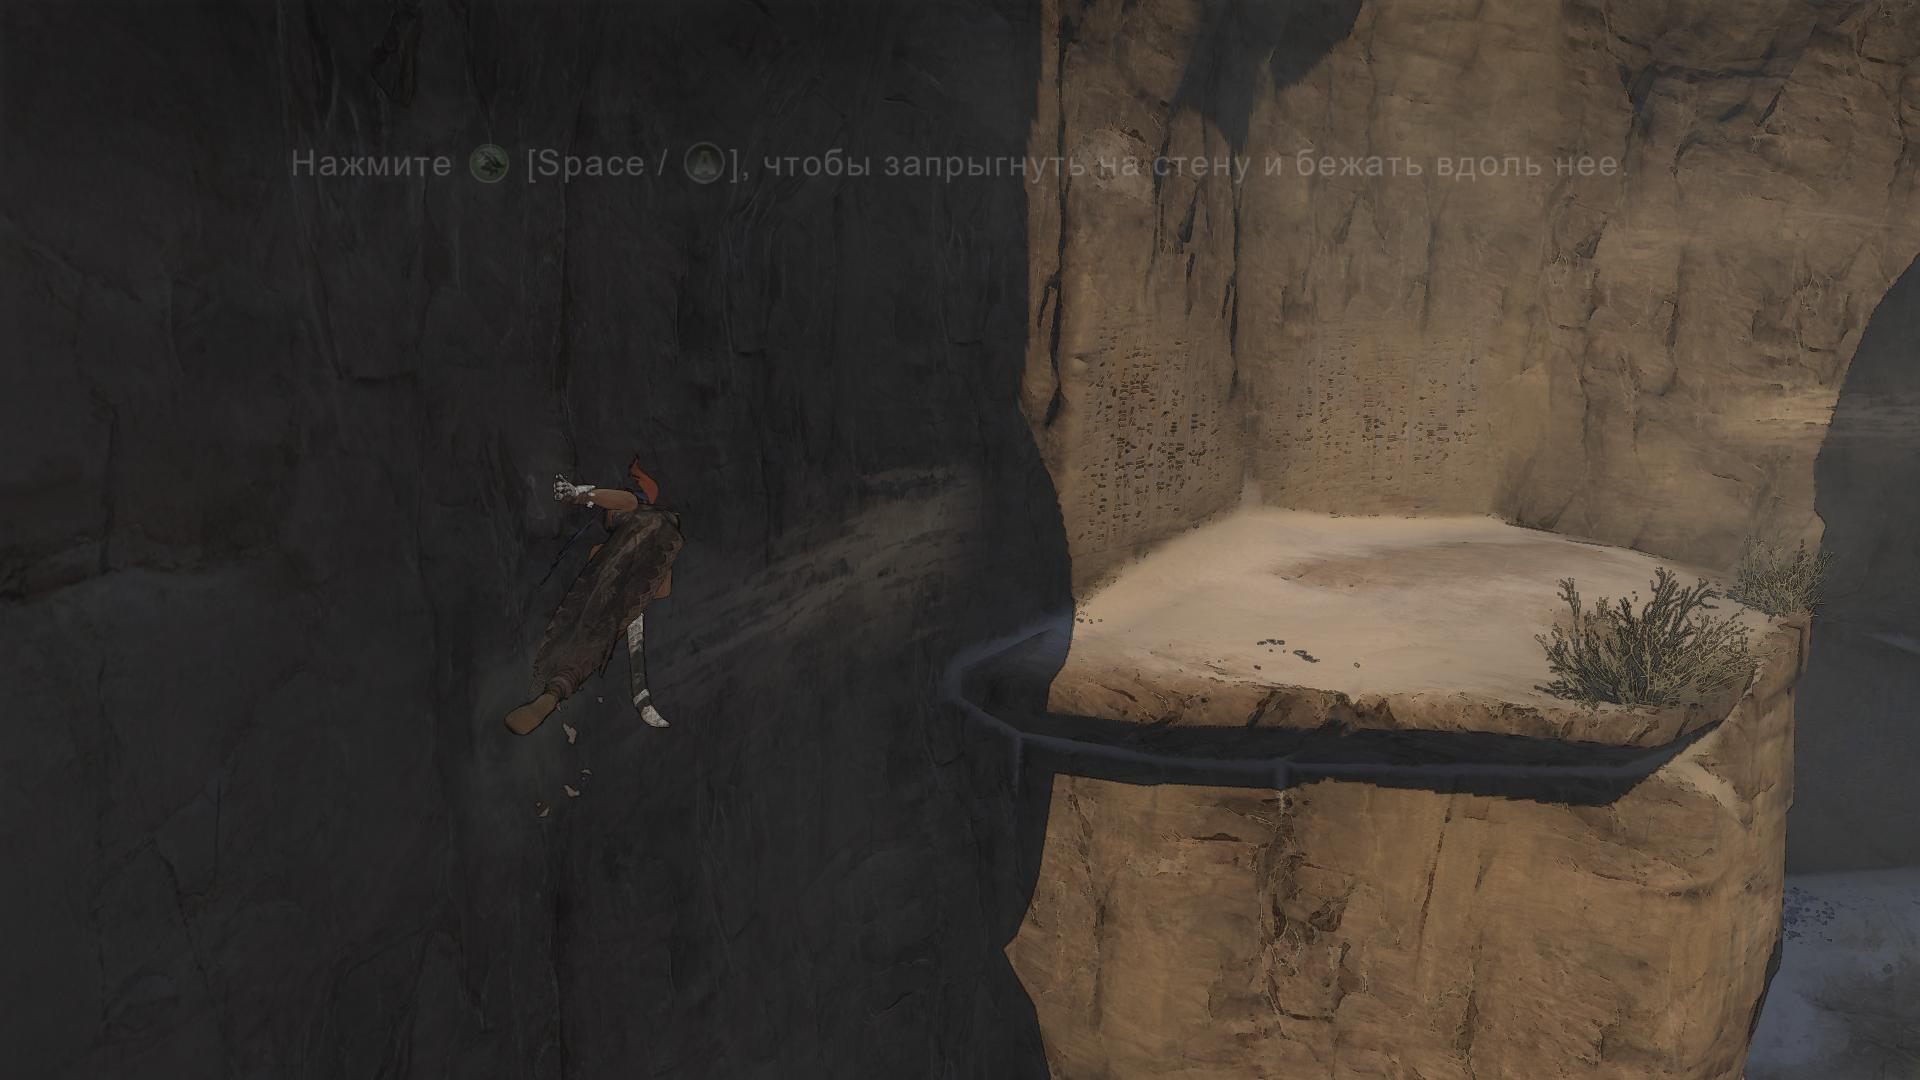 Ретро-прохождение Prince of Persia (2008) в скриншотах ... Часть 1 НАЧАЛО!  - Изображение 5